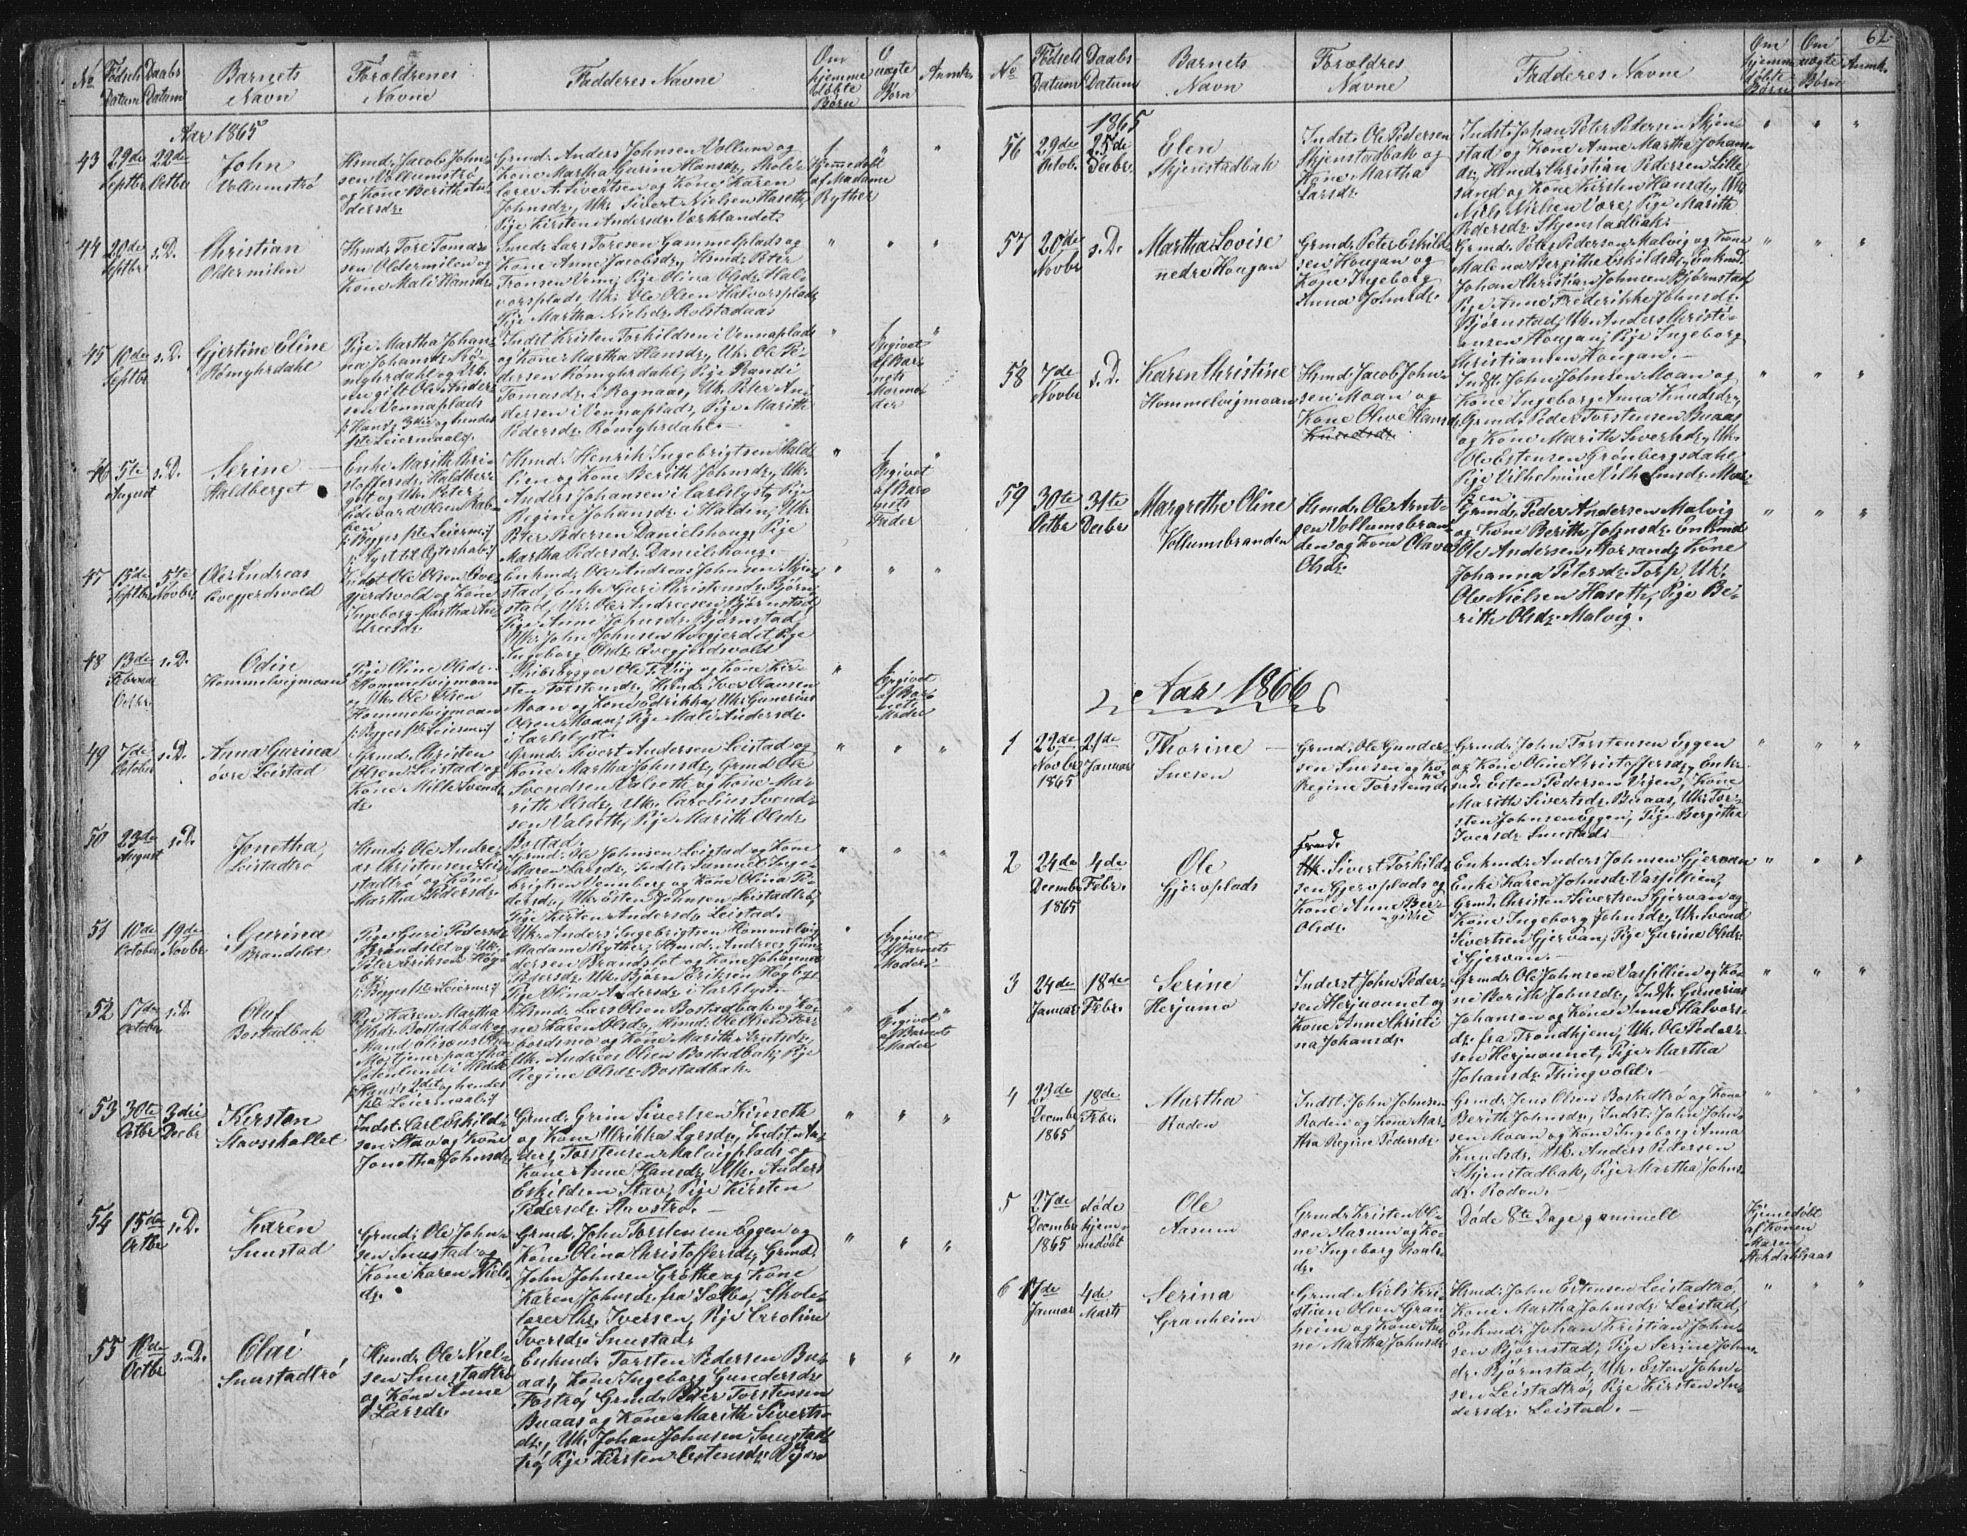 SAT, Ministerialprotokoller, klokkerbøker og fødselsregistre - Sør-Trøndelag, 616/L0406: Ministerialbok nr. 616A03, 1843-1879, s. 62